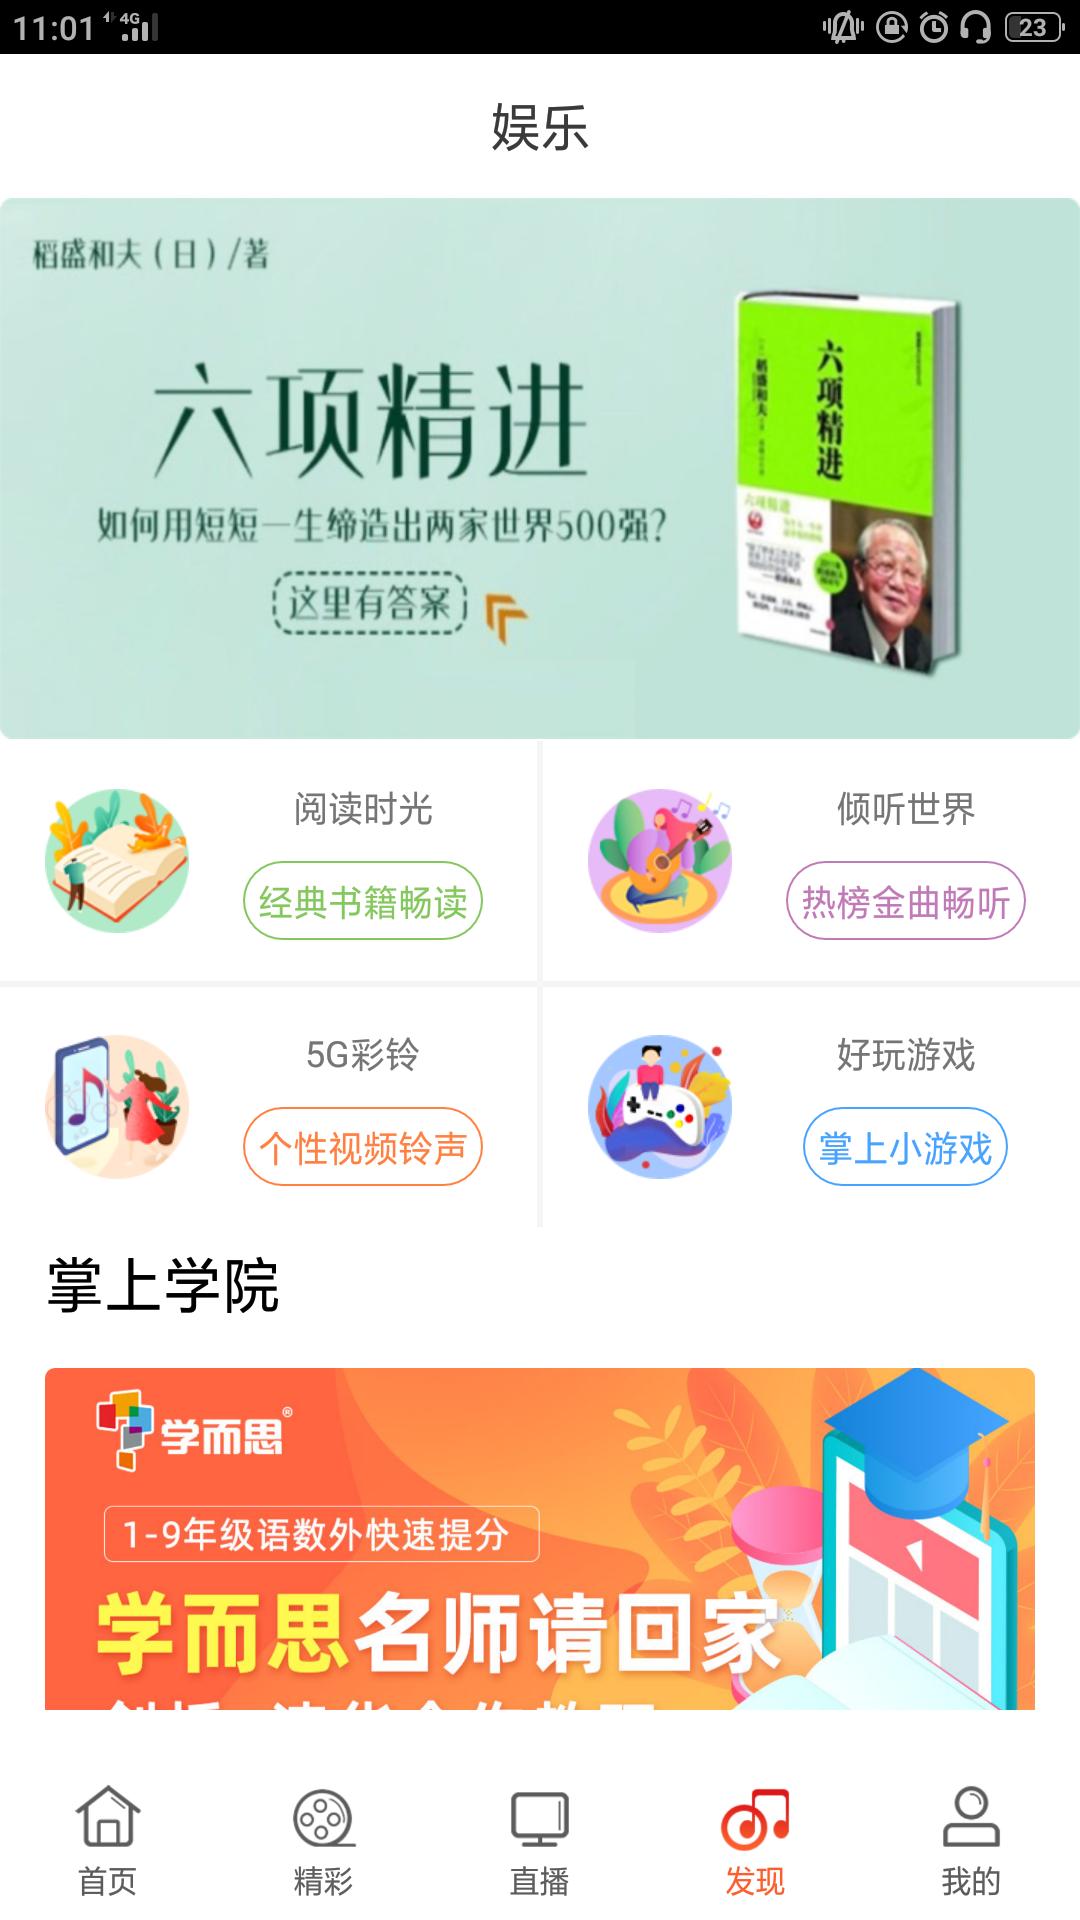 浙江联通 APP截图